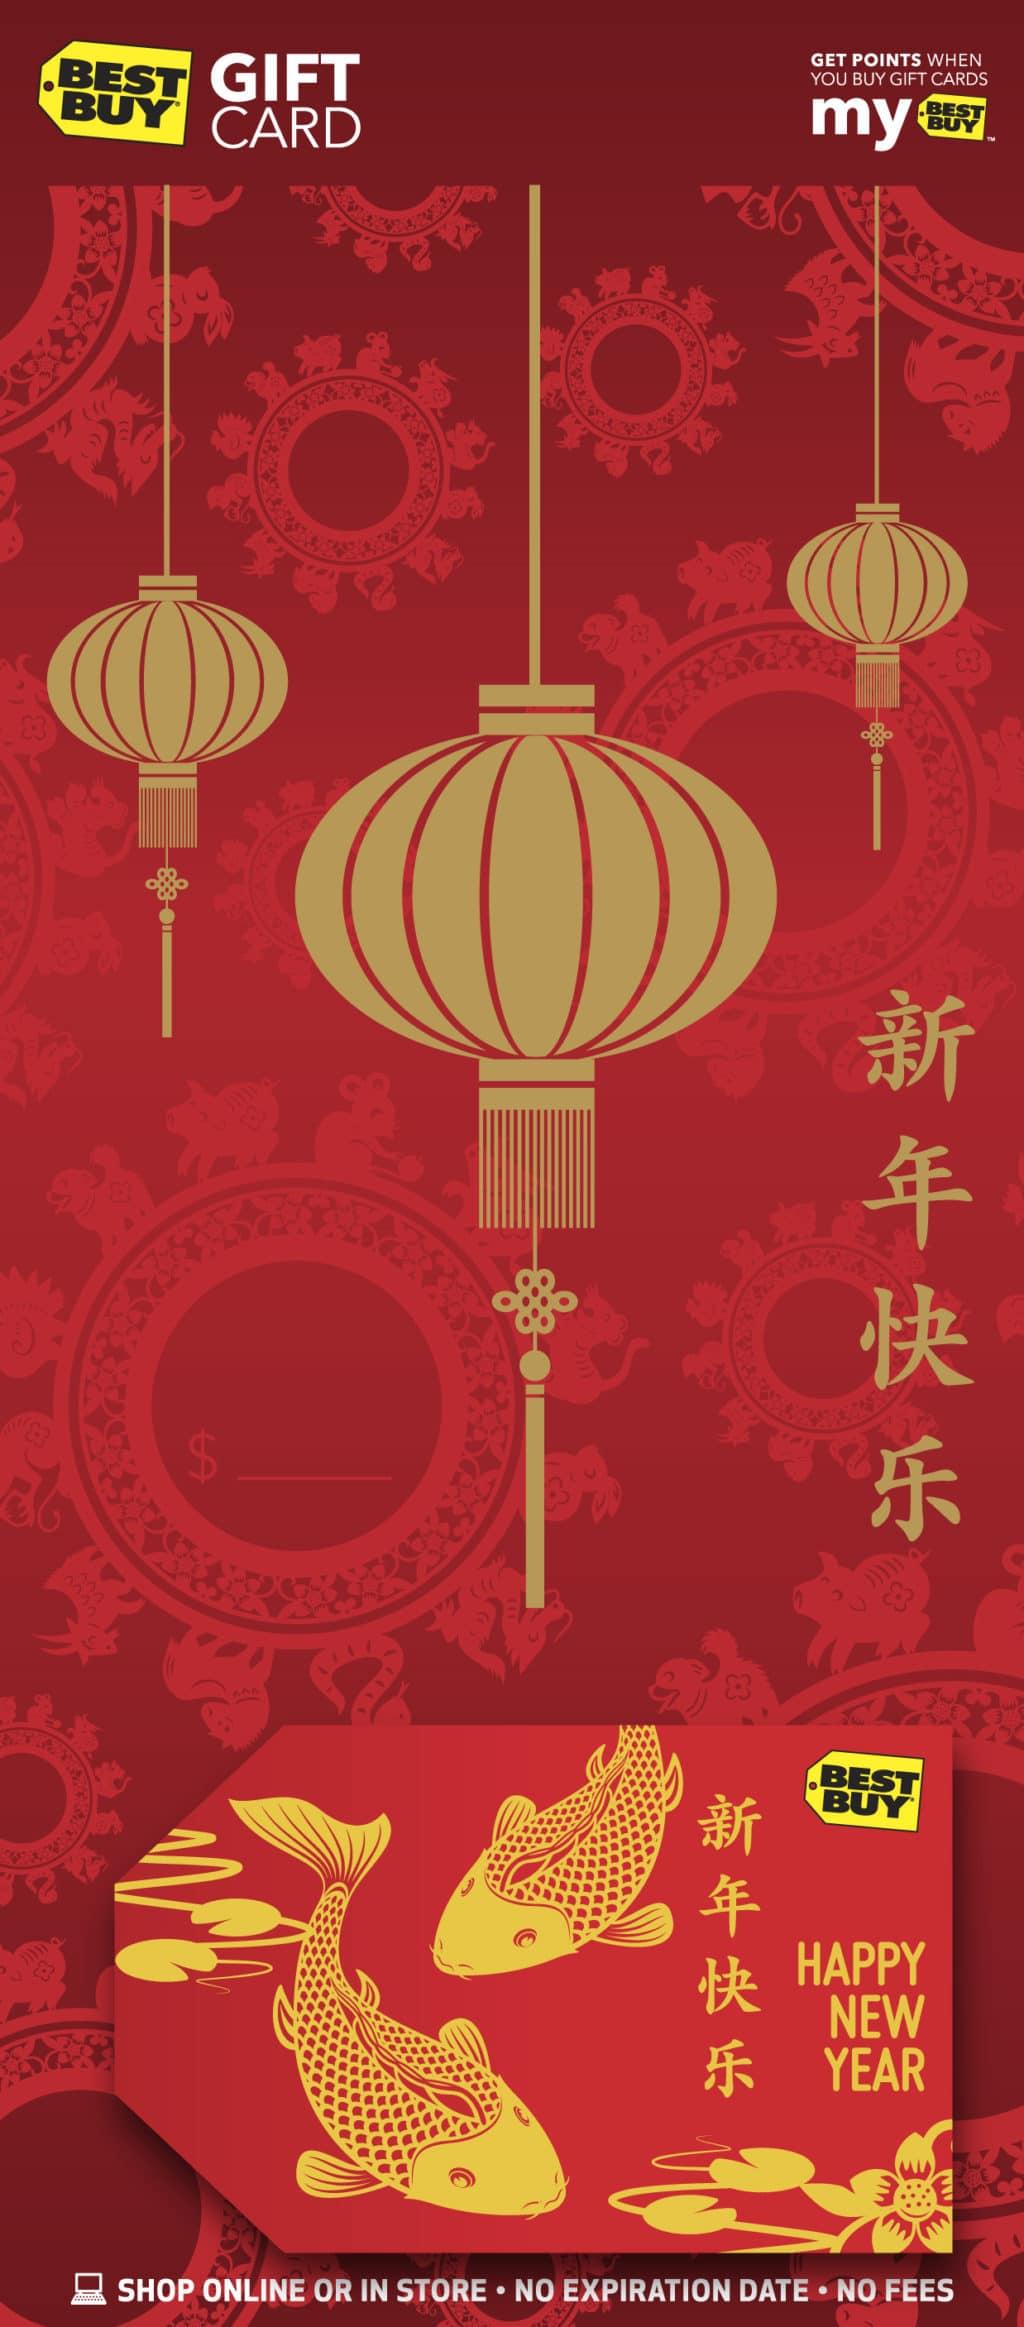 Lunar New Year Gift Card @BestBuy